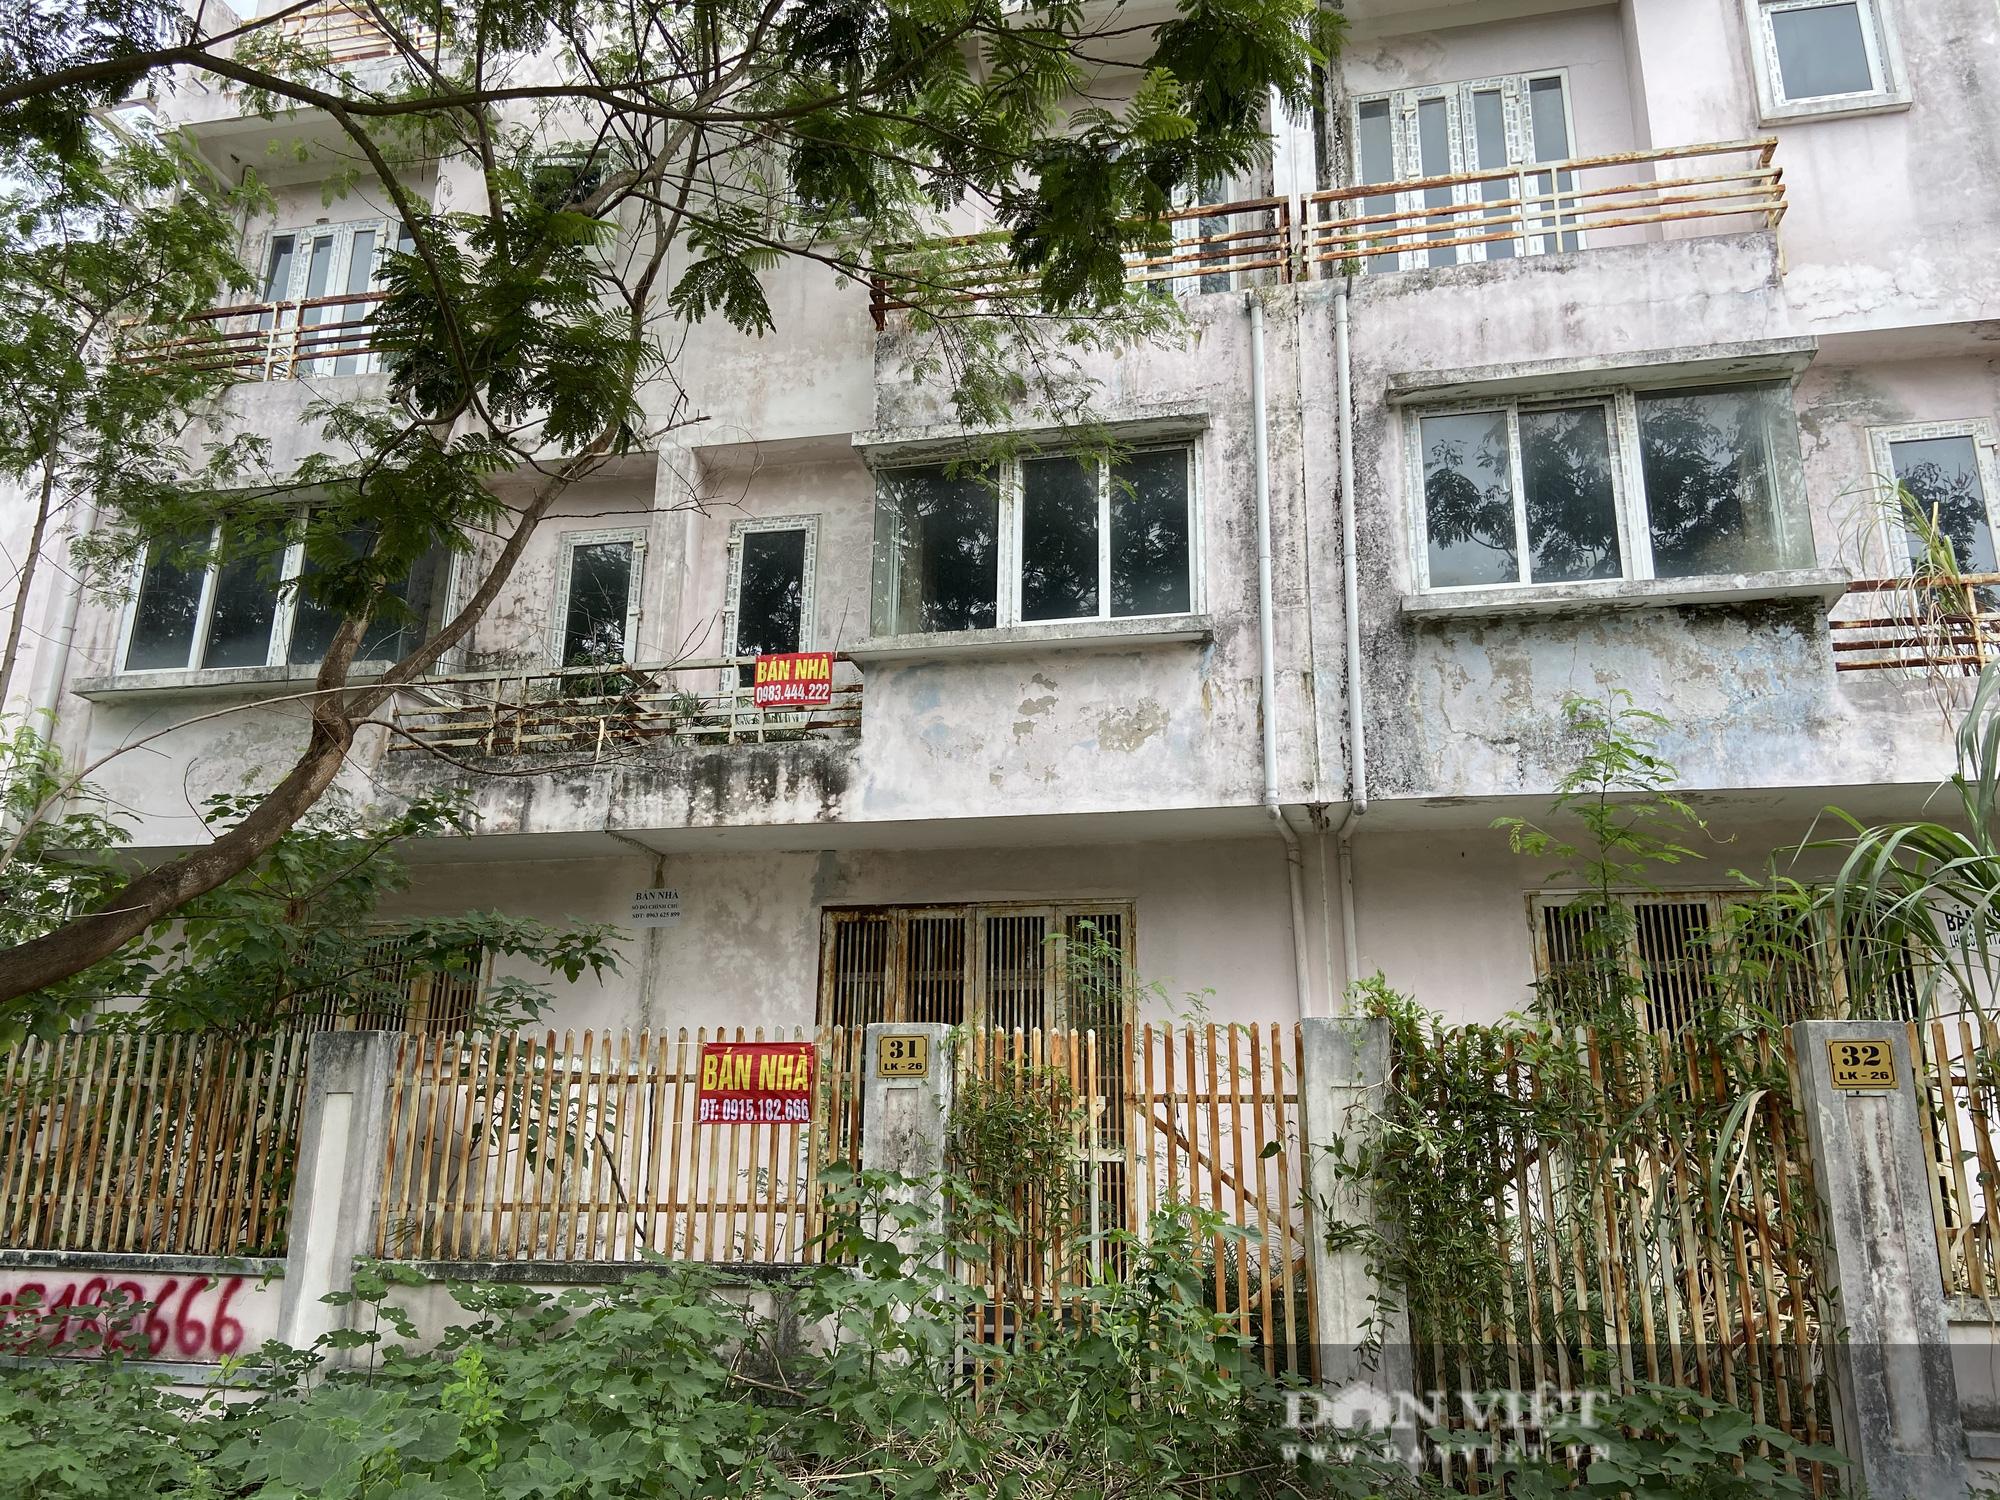 La liệt biệt thự chục tỷ đồng bỏ hoang ở Hà Nội - Ảnh 8.